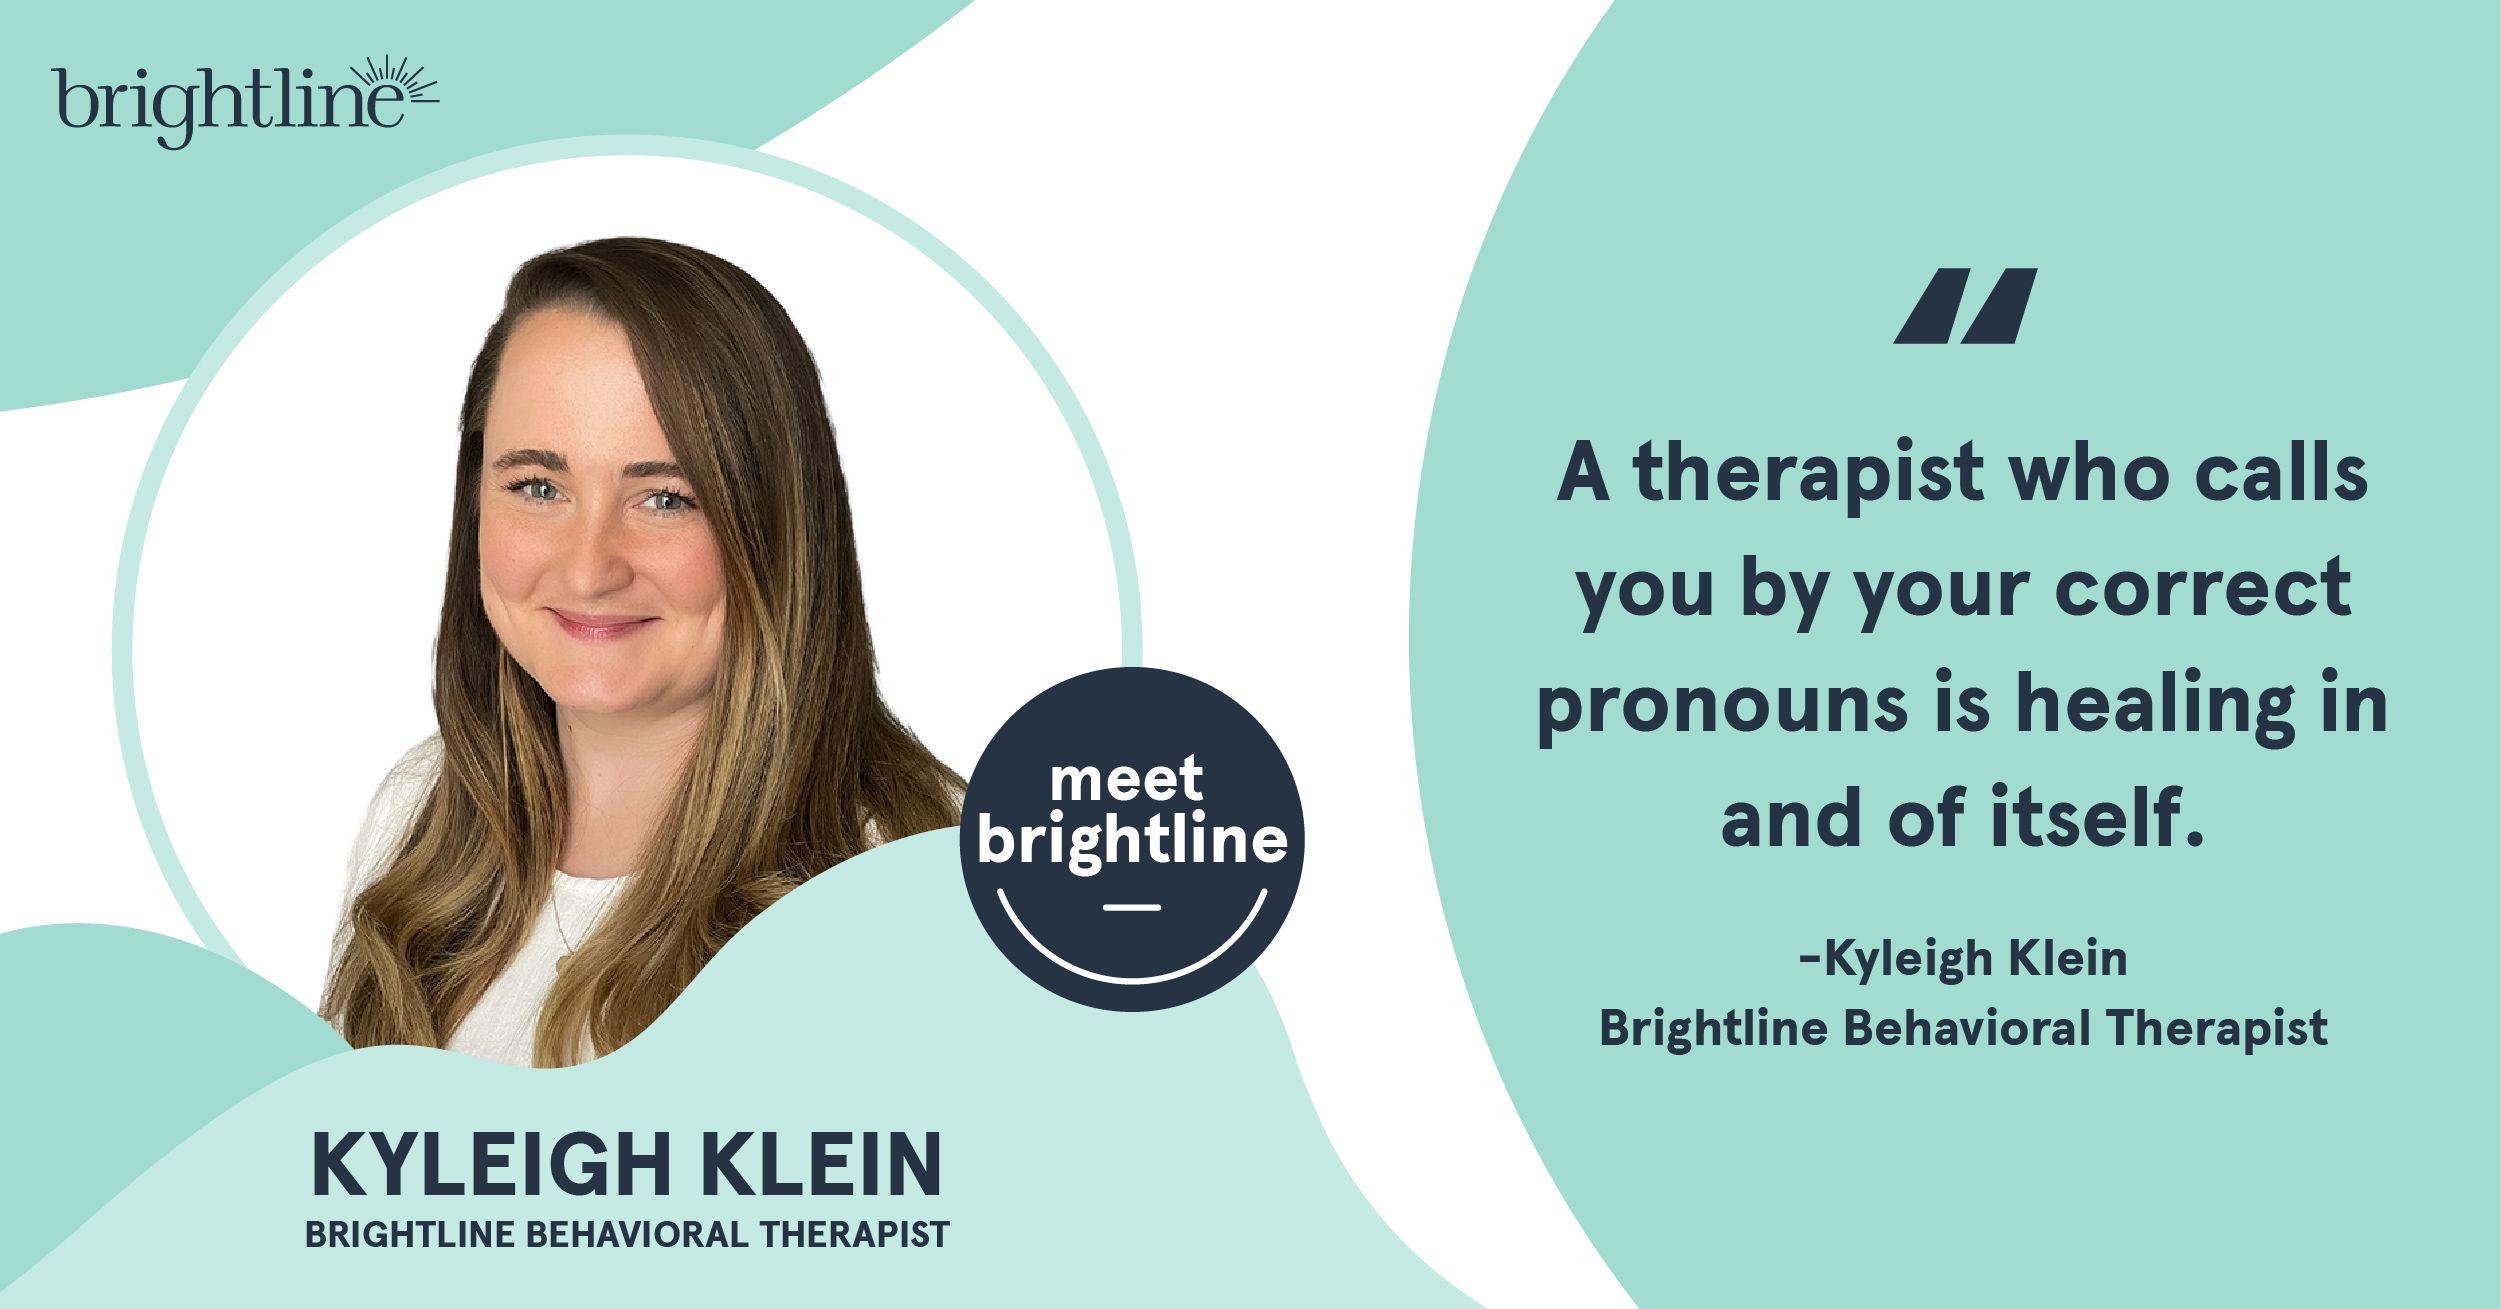 Brightline therapist Kyleigh Klein